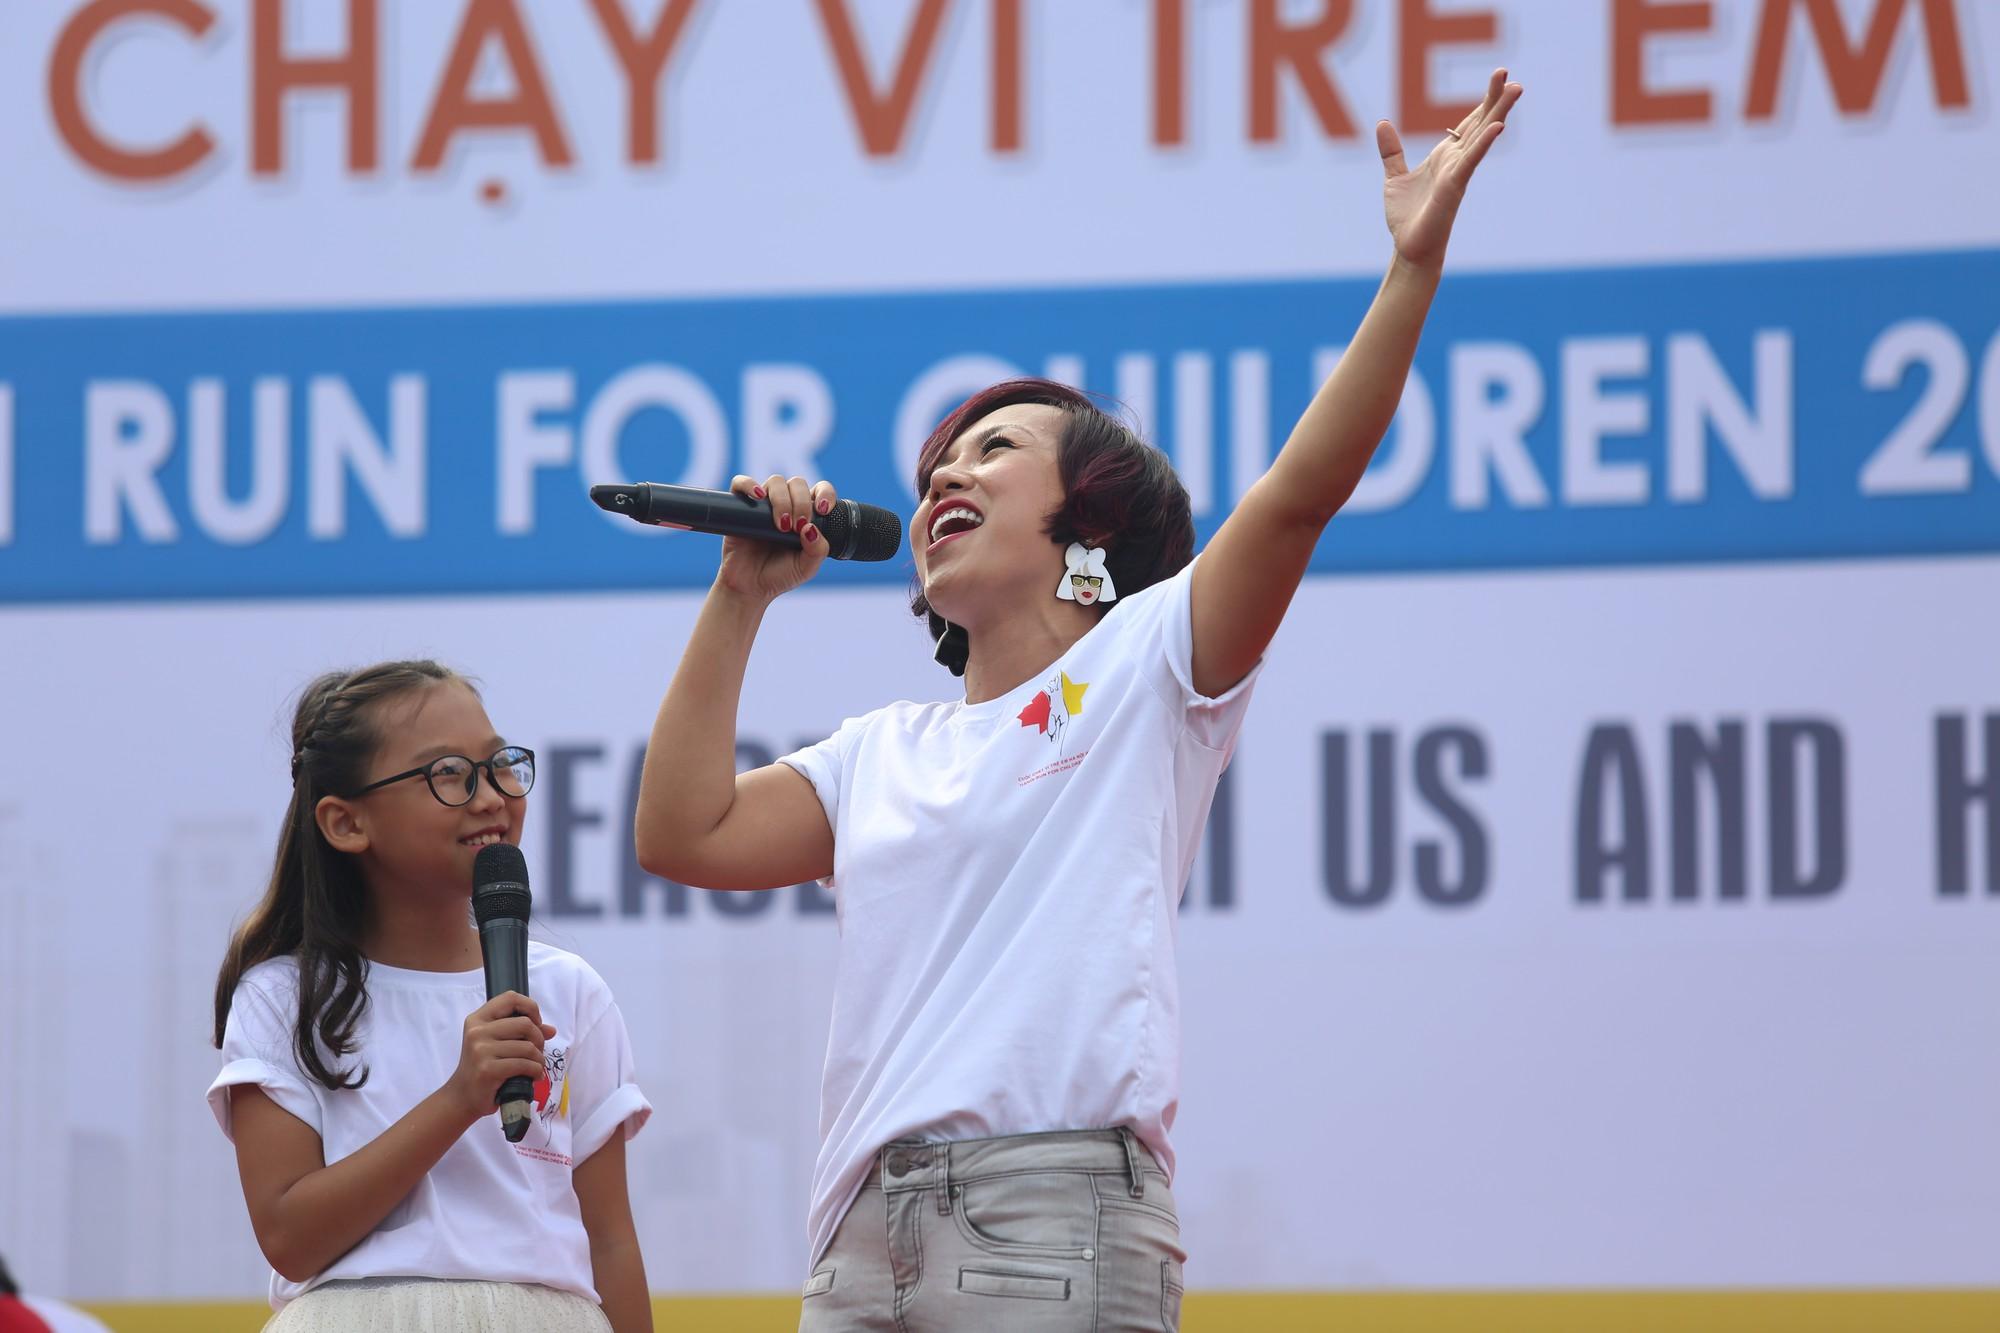 Chạy vì trẻ em Hà Nội 2018 thu hút hàng nghìn người tham dự, quyên góp hơn 1 tỷ đồng - Ảnh 12.